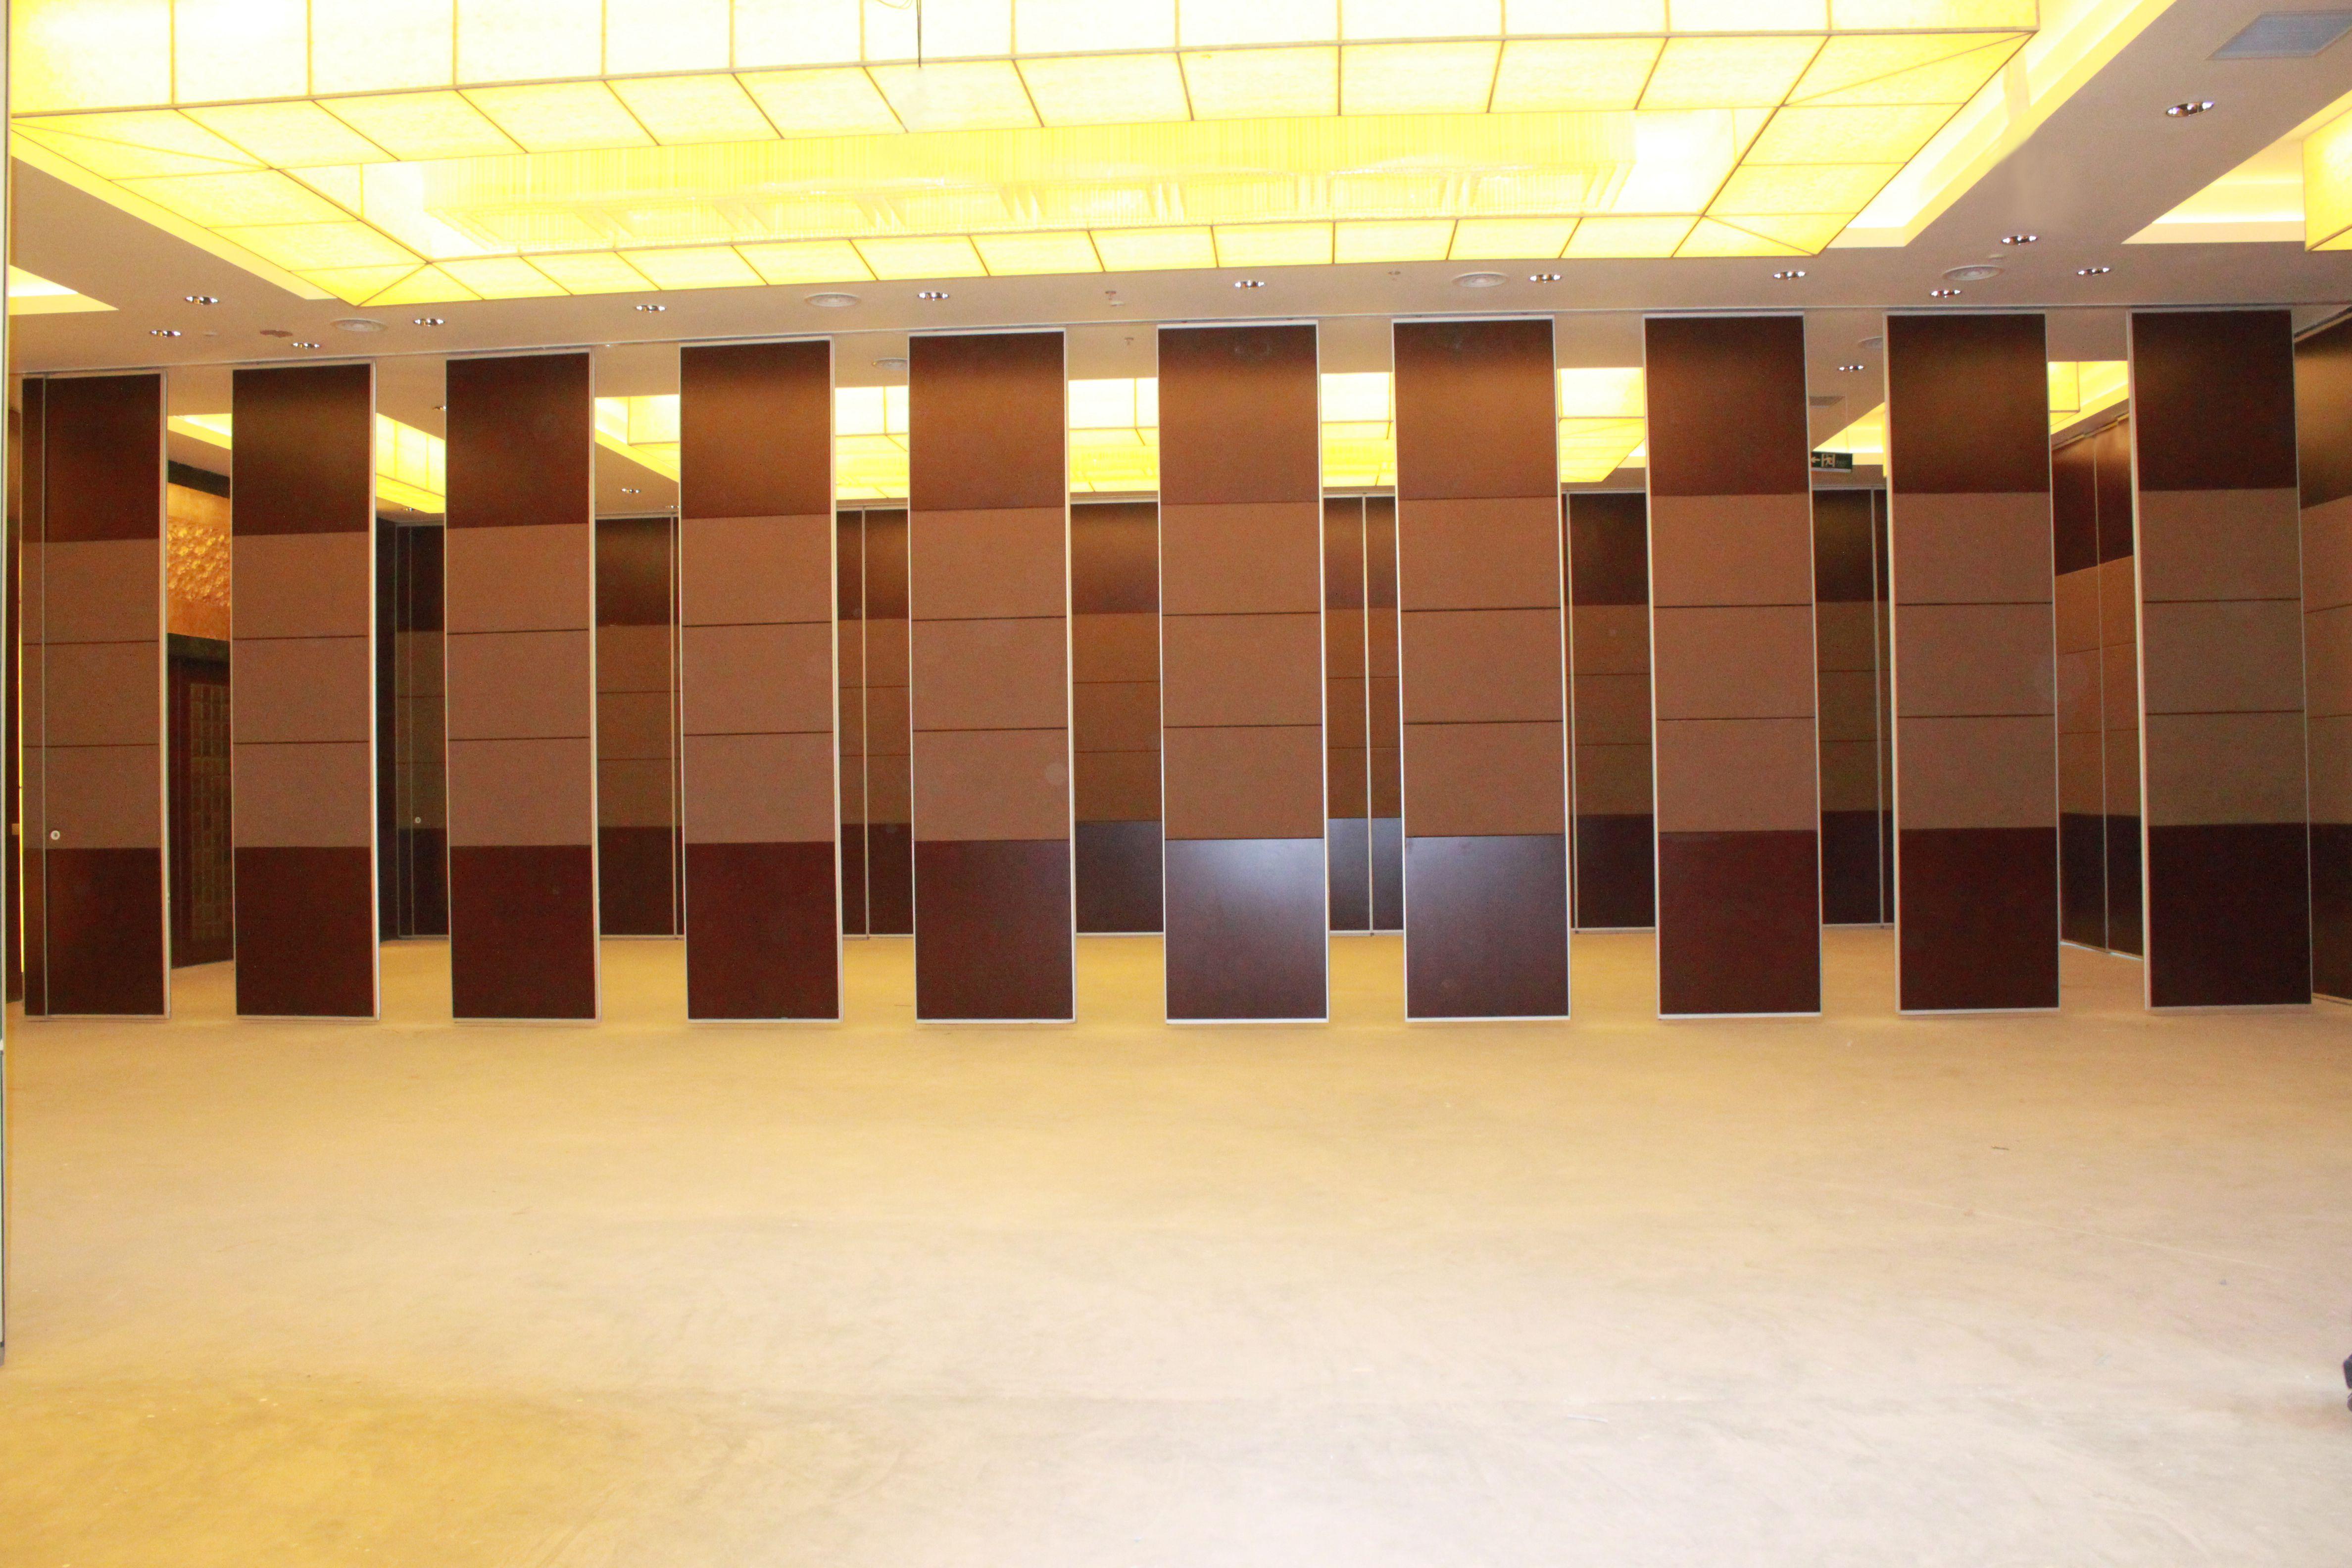 山东莱阳金山国际酒店会议厅活动隔断安装项目